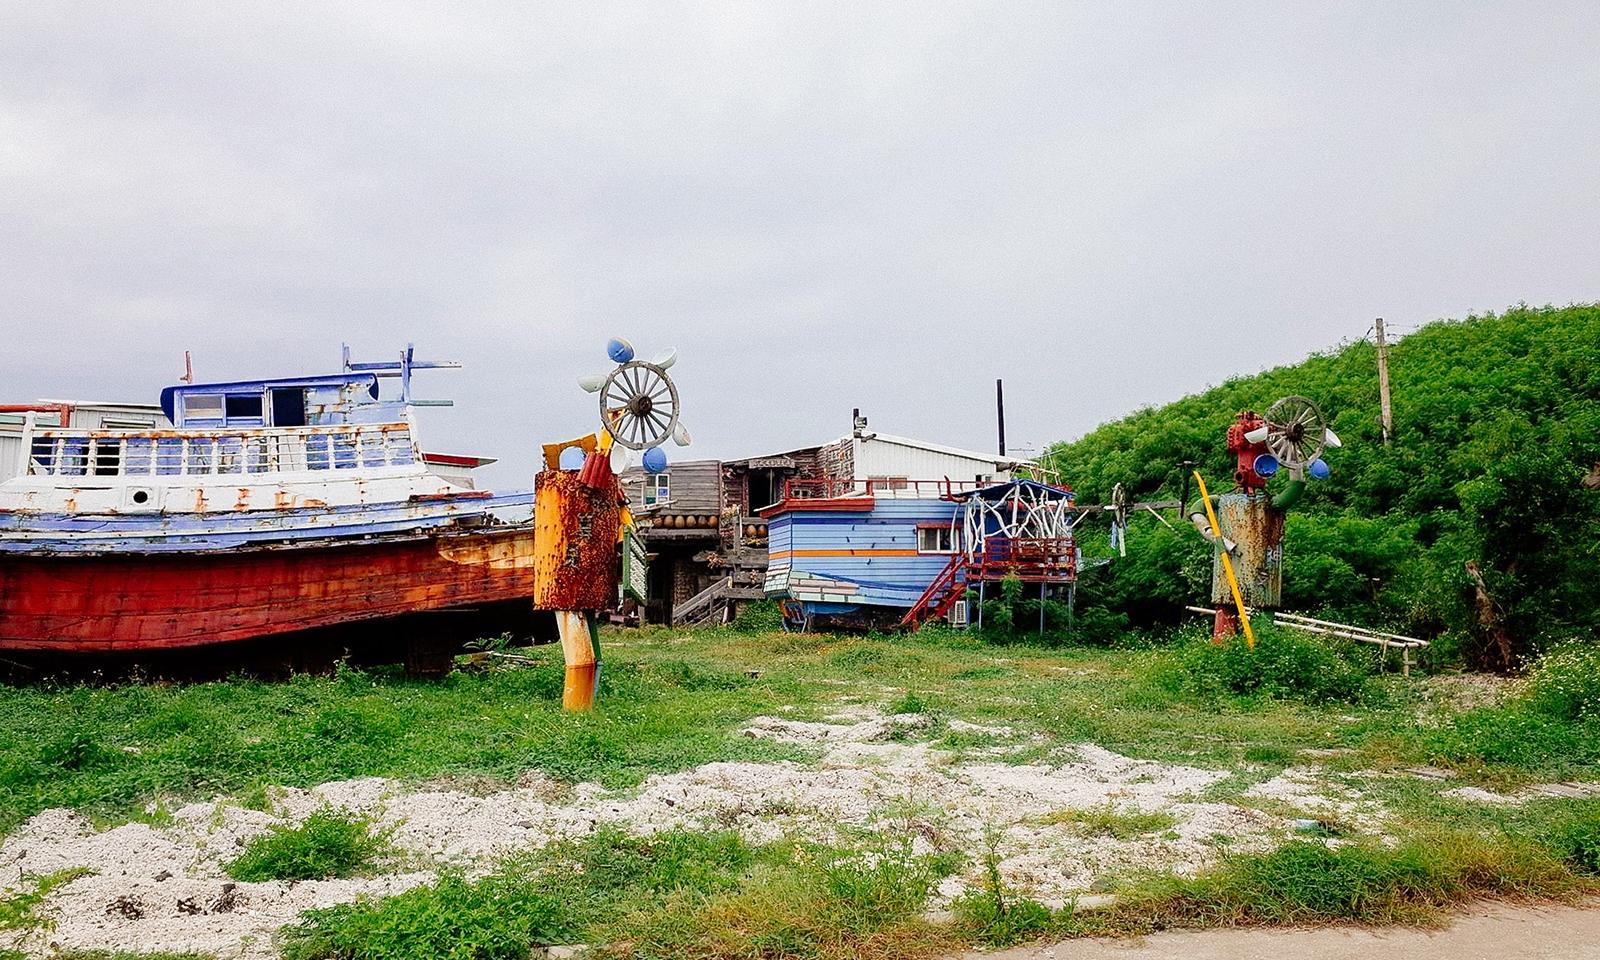 來一趟島嶼記憶的召喚之旅:風起潮間帶-澎湖大風藝術季